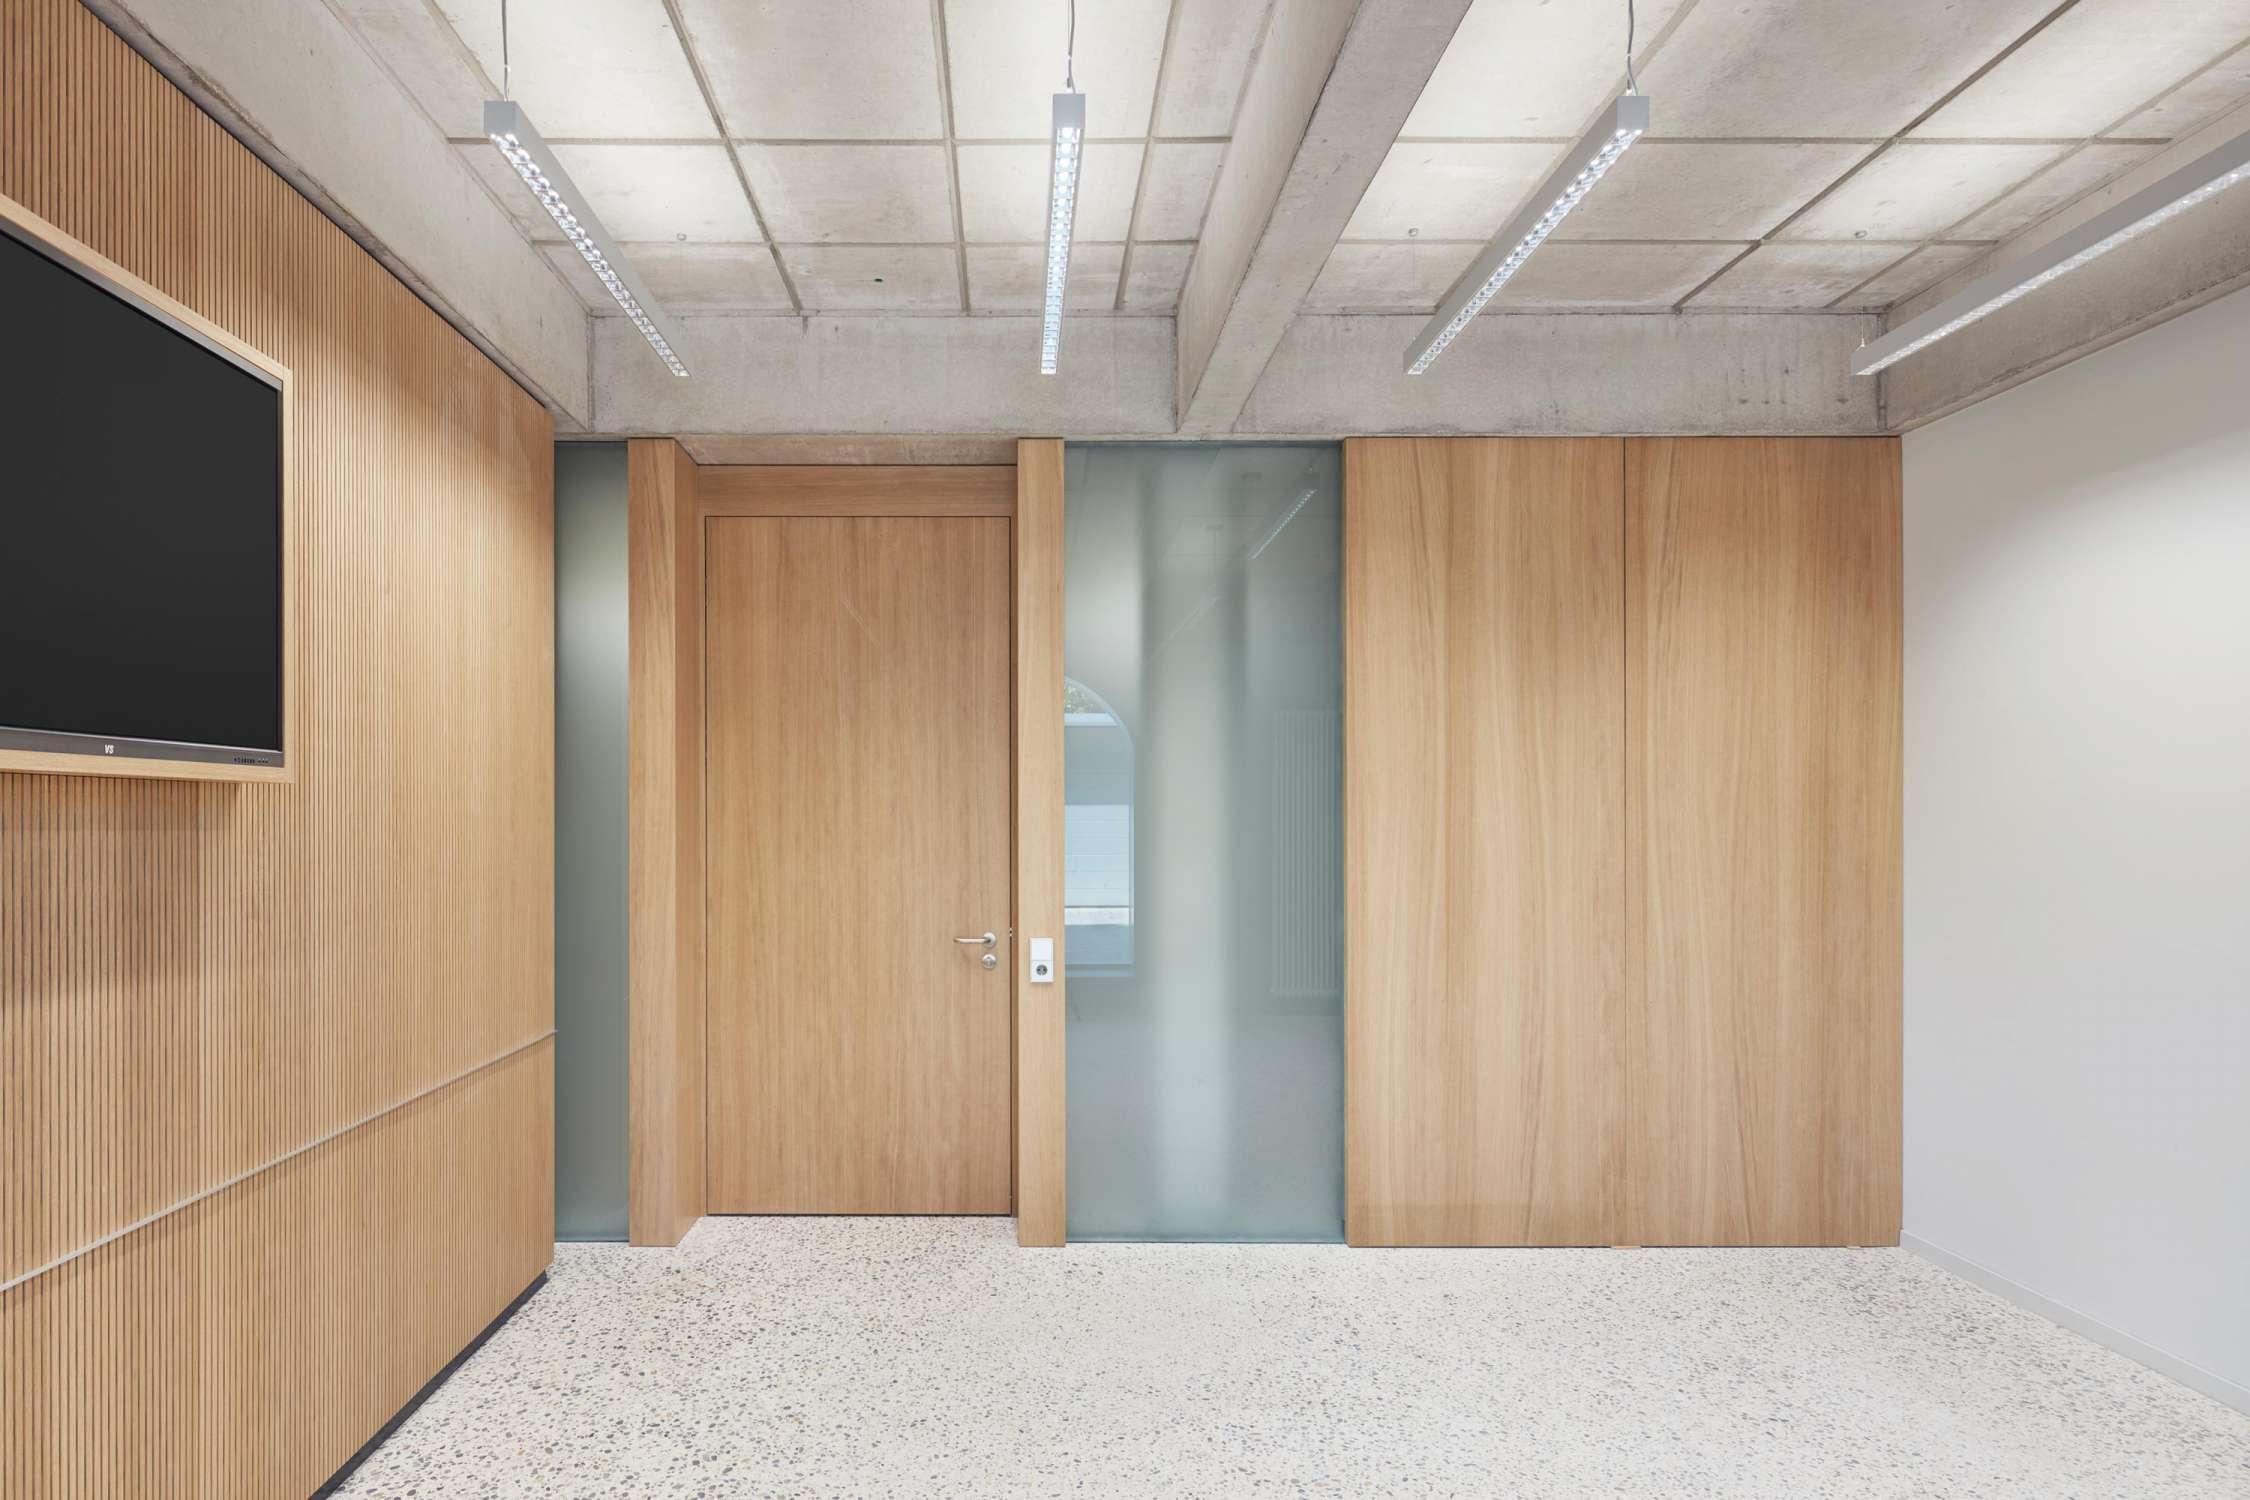 Denkmalpflegerische Sanierung und Umbau Amts-, Nachlass- und Betreuungsgericht (9)